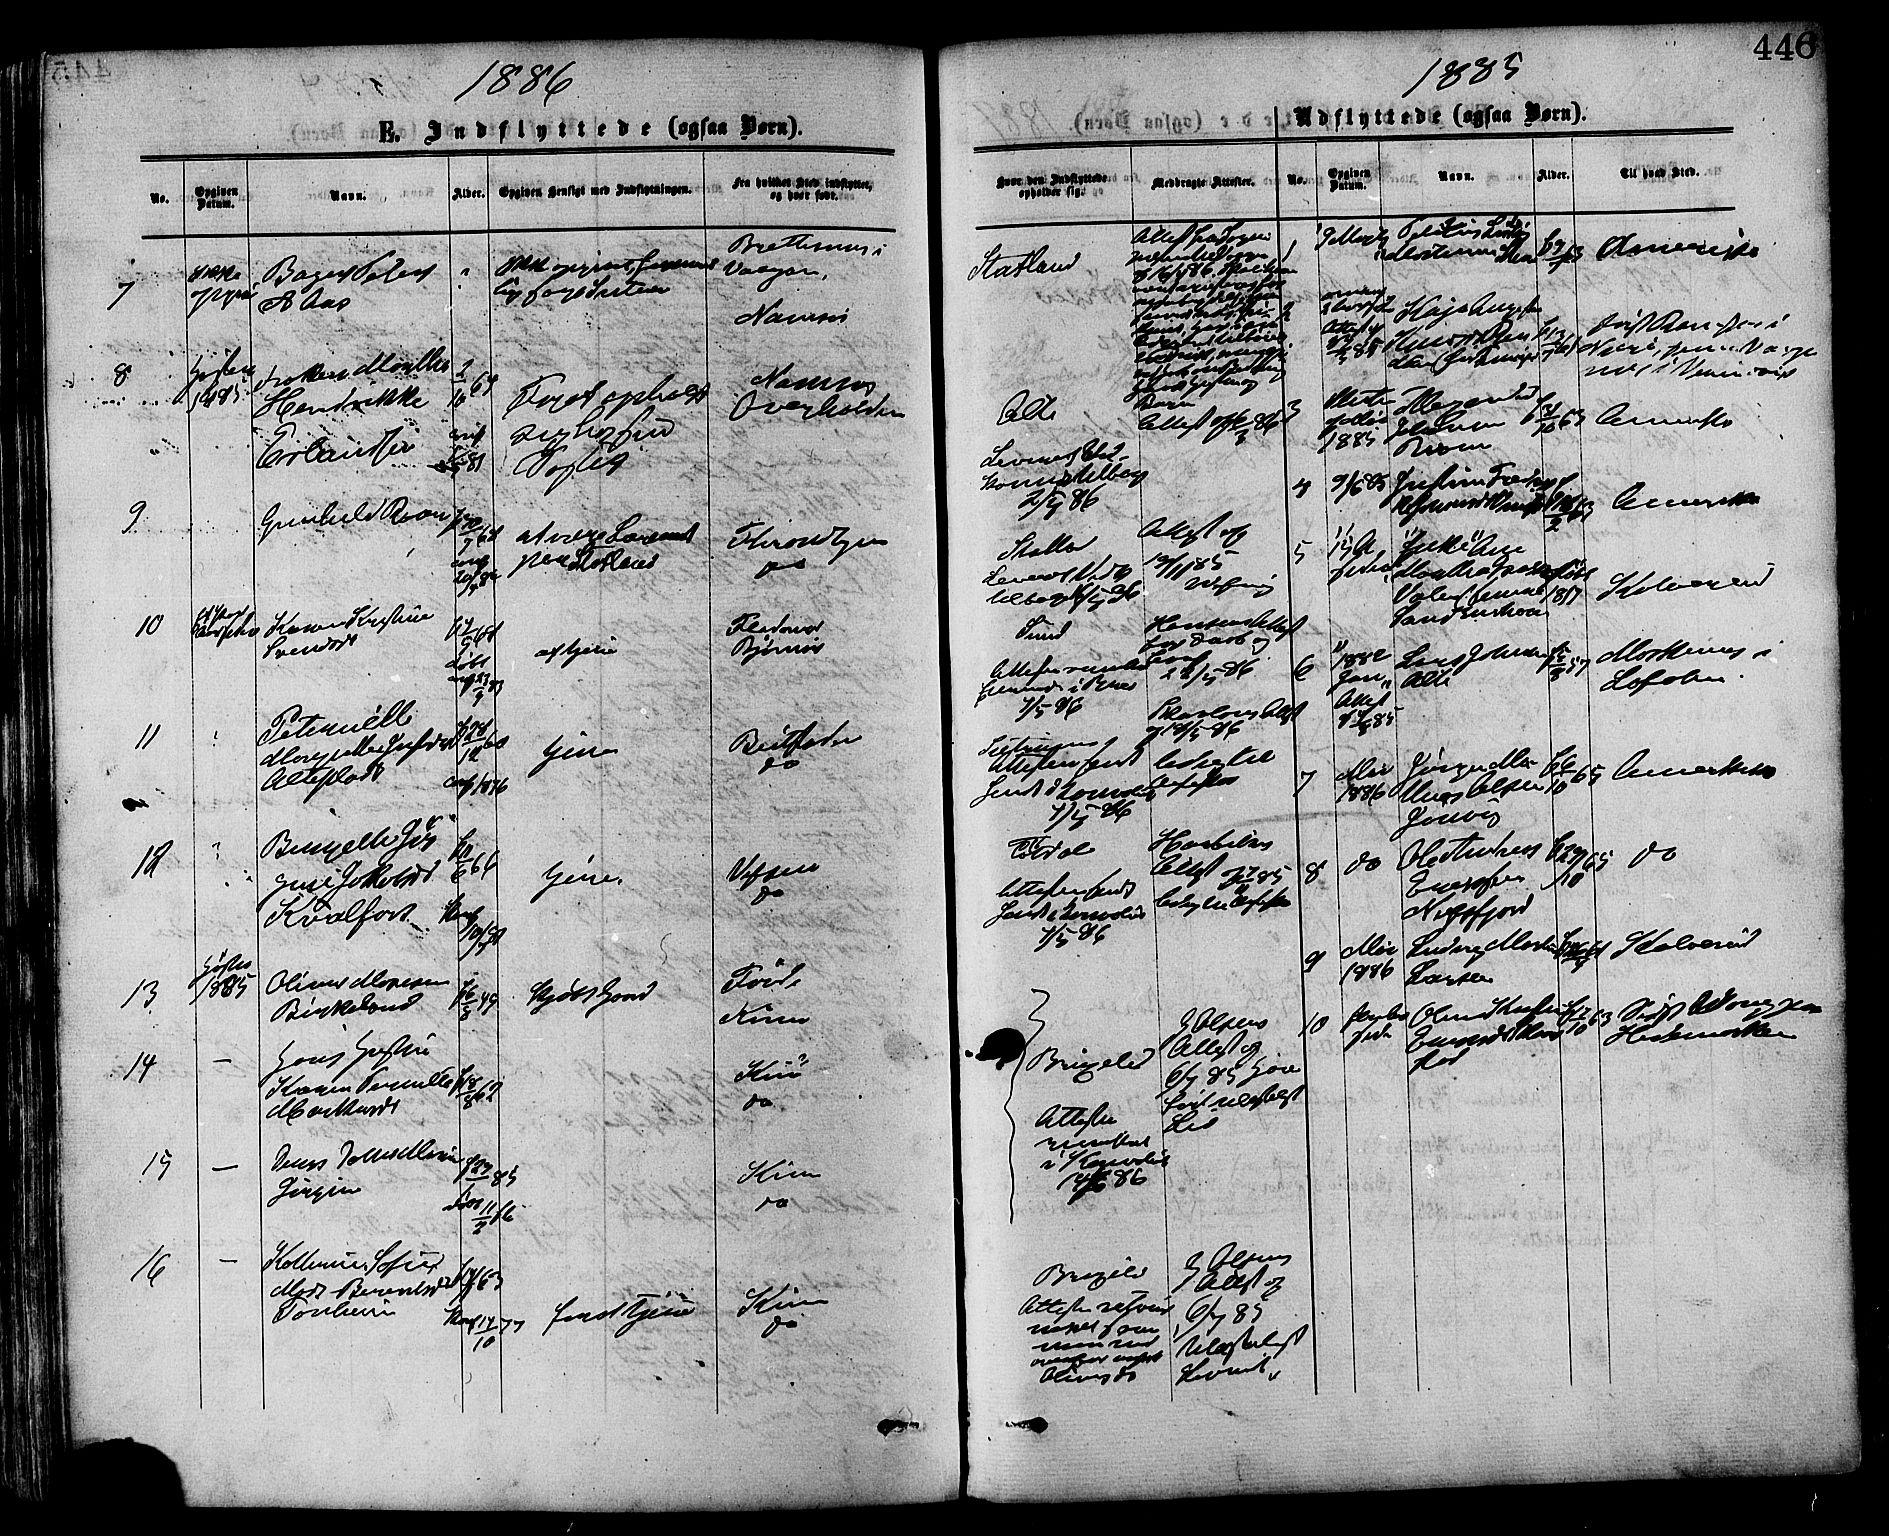 SAT, Ministerialprotokoller, klokkerbøker og fødselsregistre - Nord-Trøndelag, 773/L0616: Parish register (official) no. 773A07, 1870-1887, p. 446